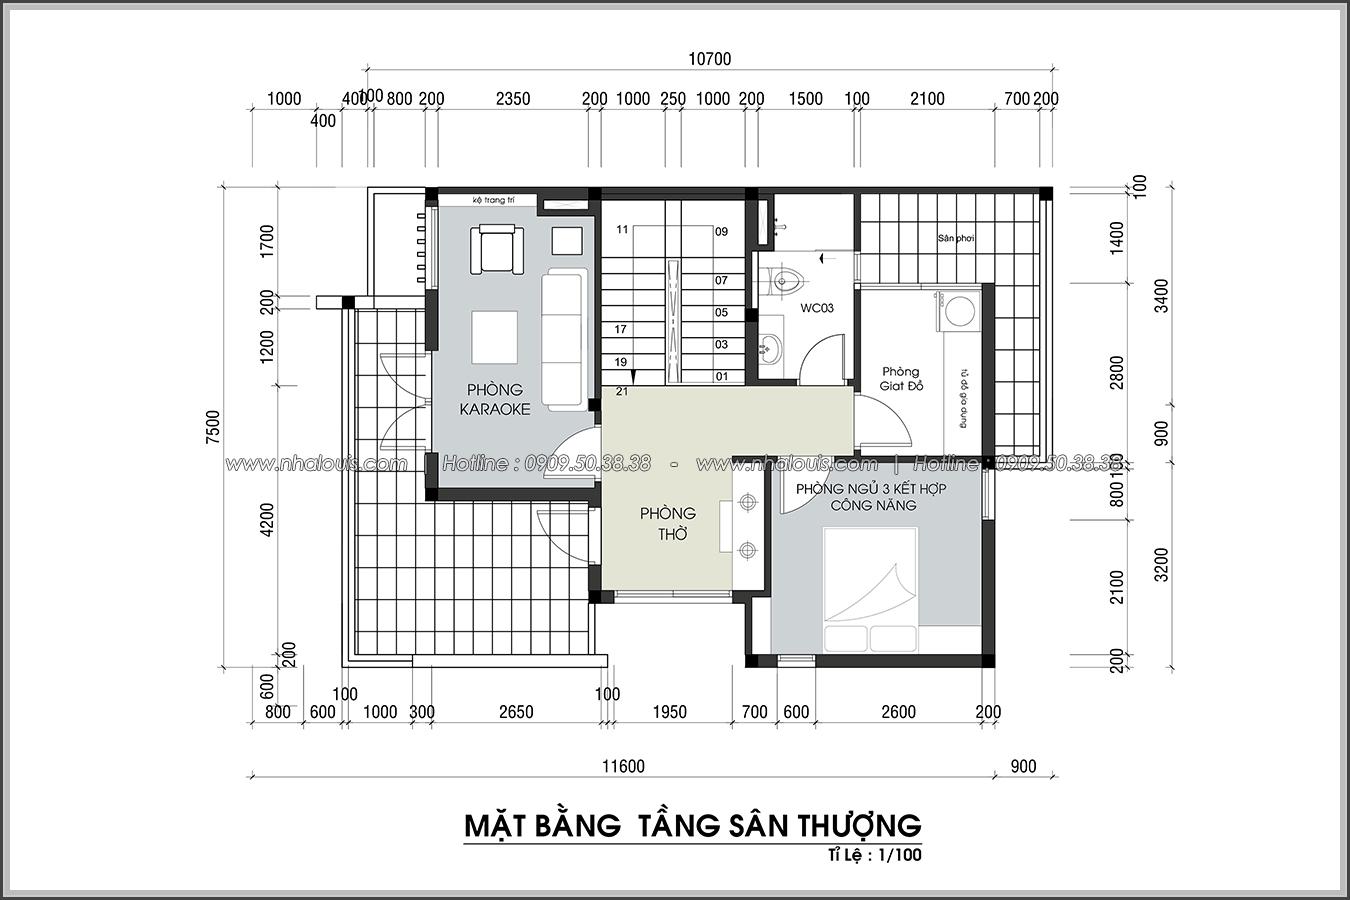 Thiết kế biệt thự 3 tầng đẹp đẳng cấp ngay tại dự án Lucasta Villa Quận 9 - 35